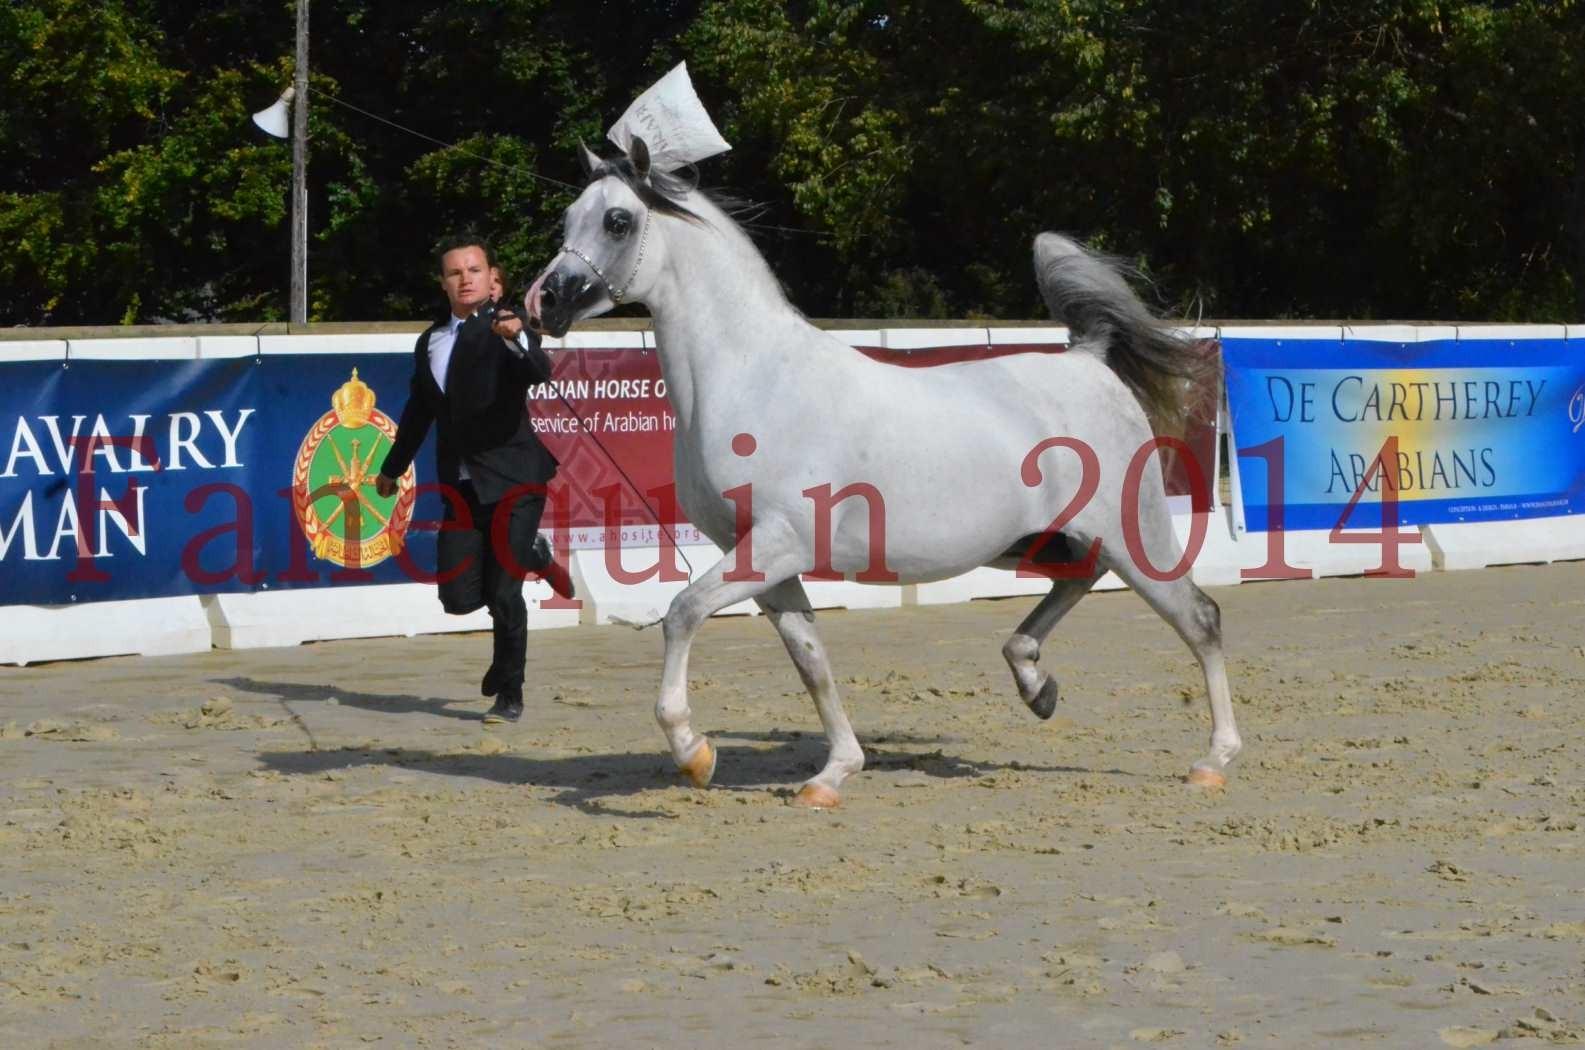 CHAMPIONNAT DE FRANCE  2014 A POMPADOUR - Sélection - SHAOLIN DE NEDJAIA - 19